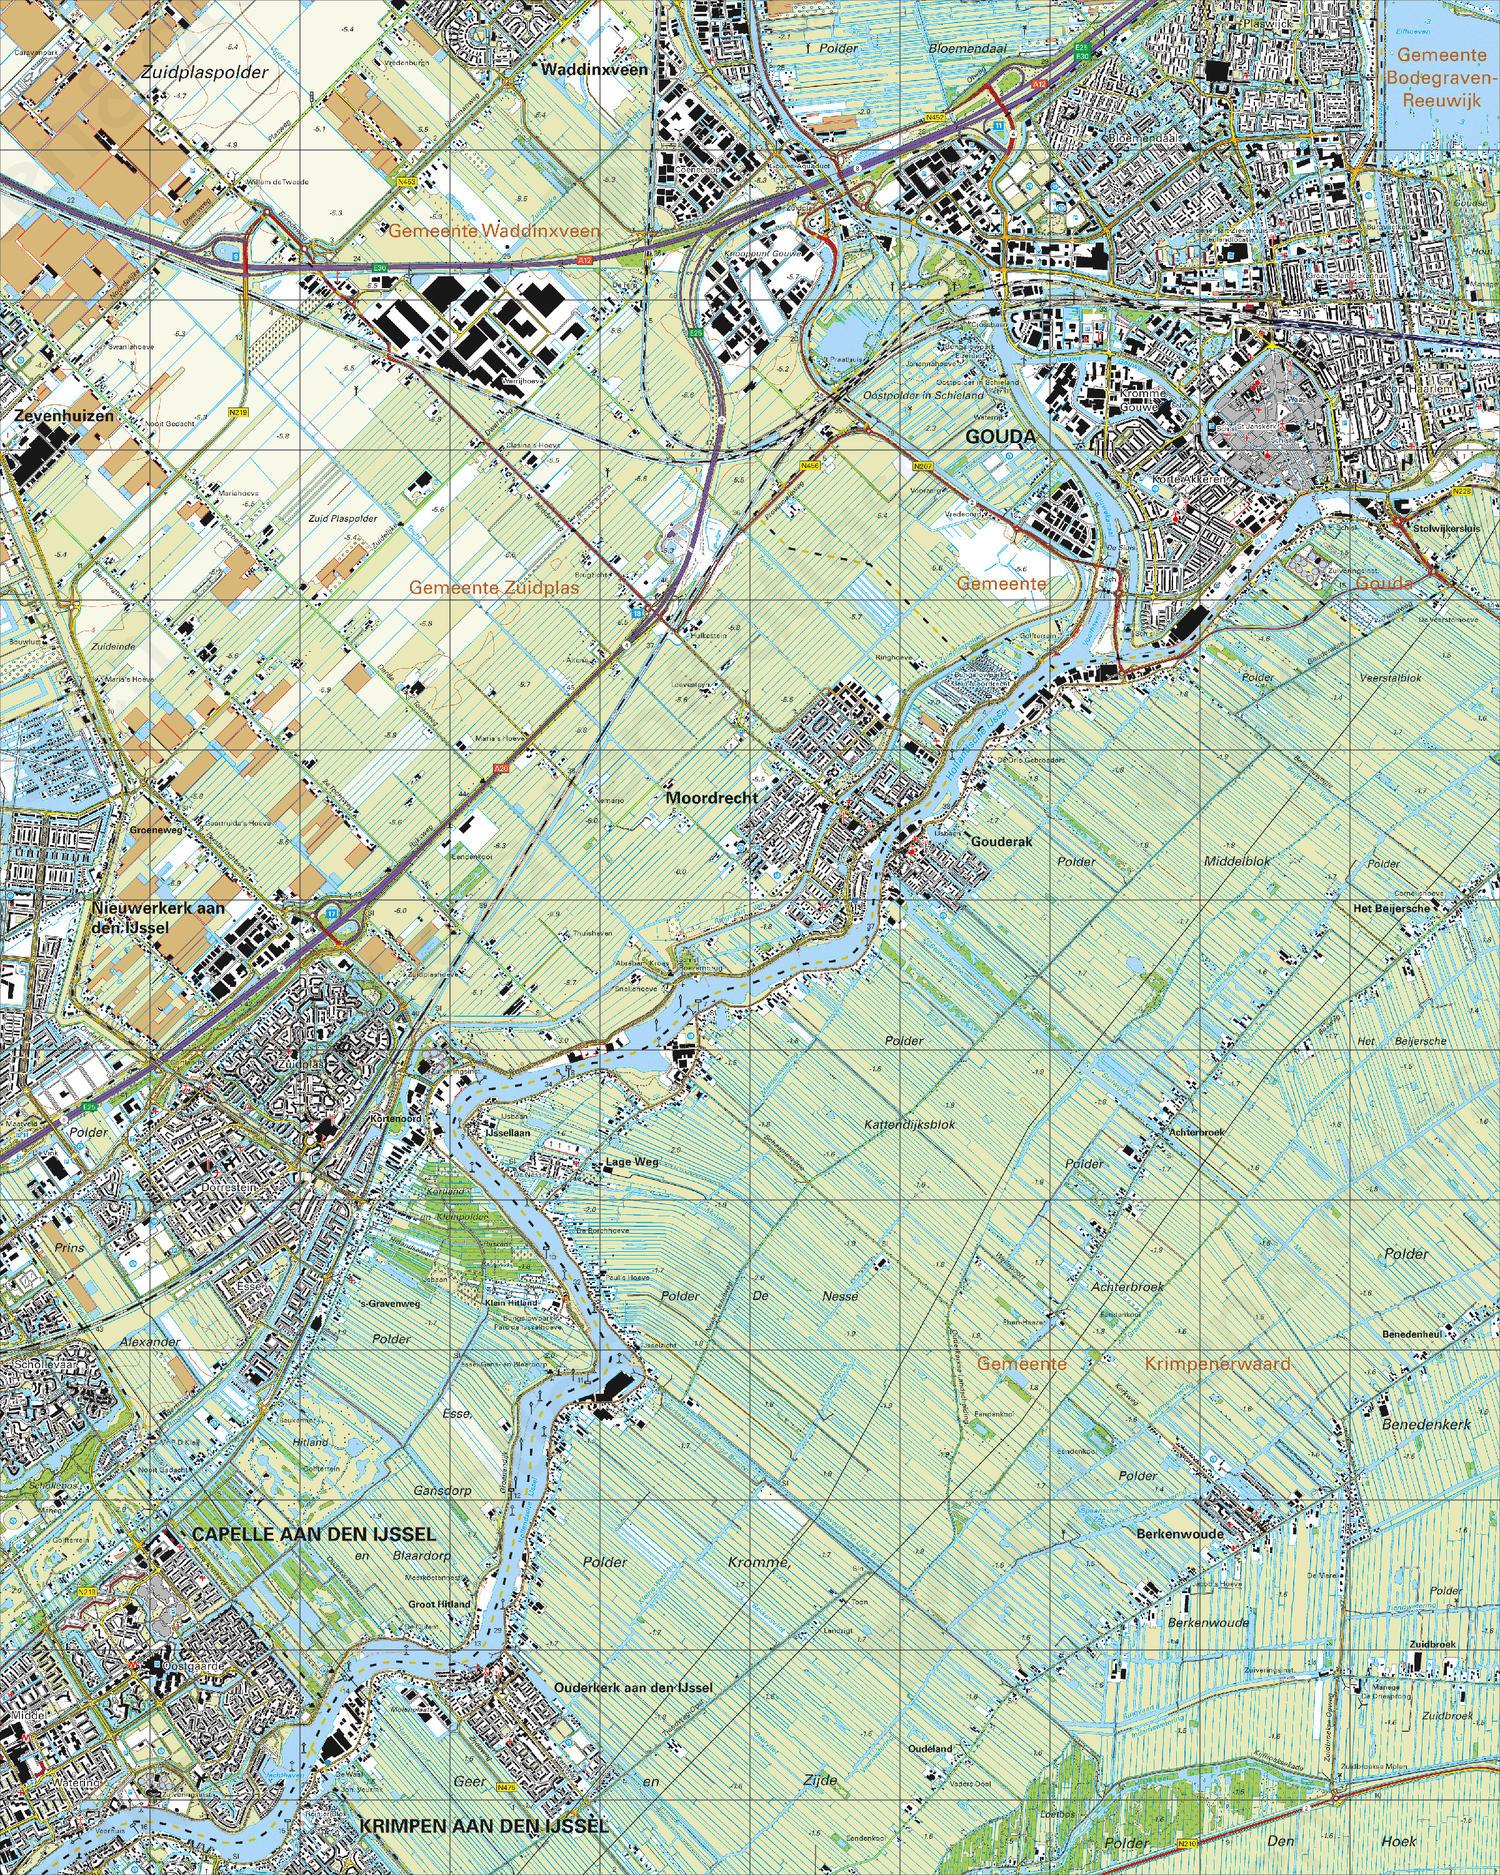 kaart gouda Digitale Topografische Kaart 38A Gouda | Kaarten en Atlassen.nl